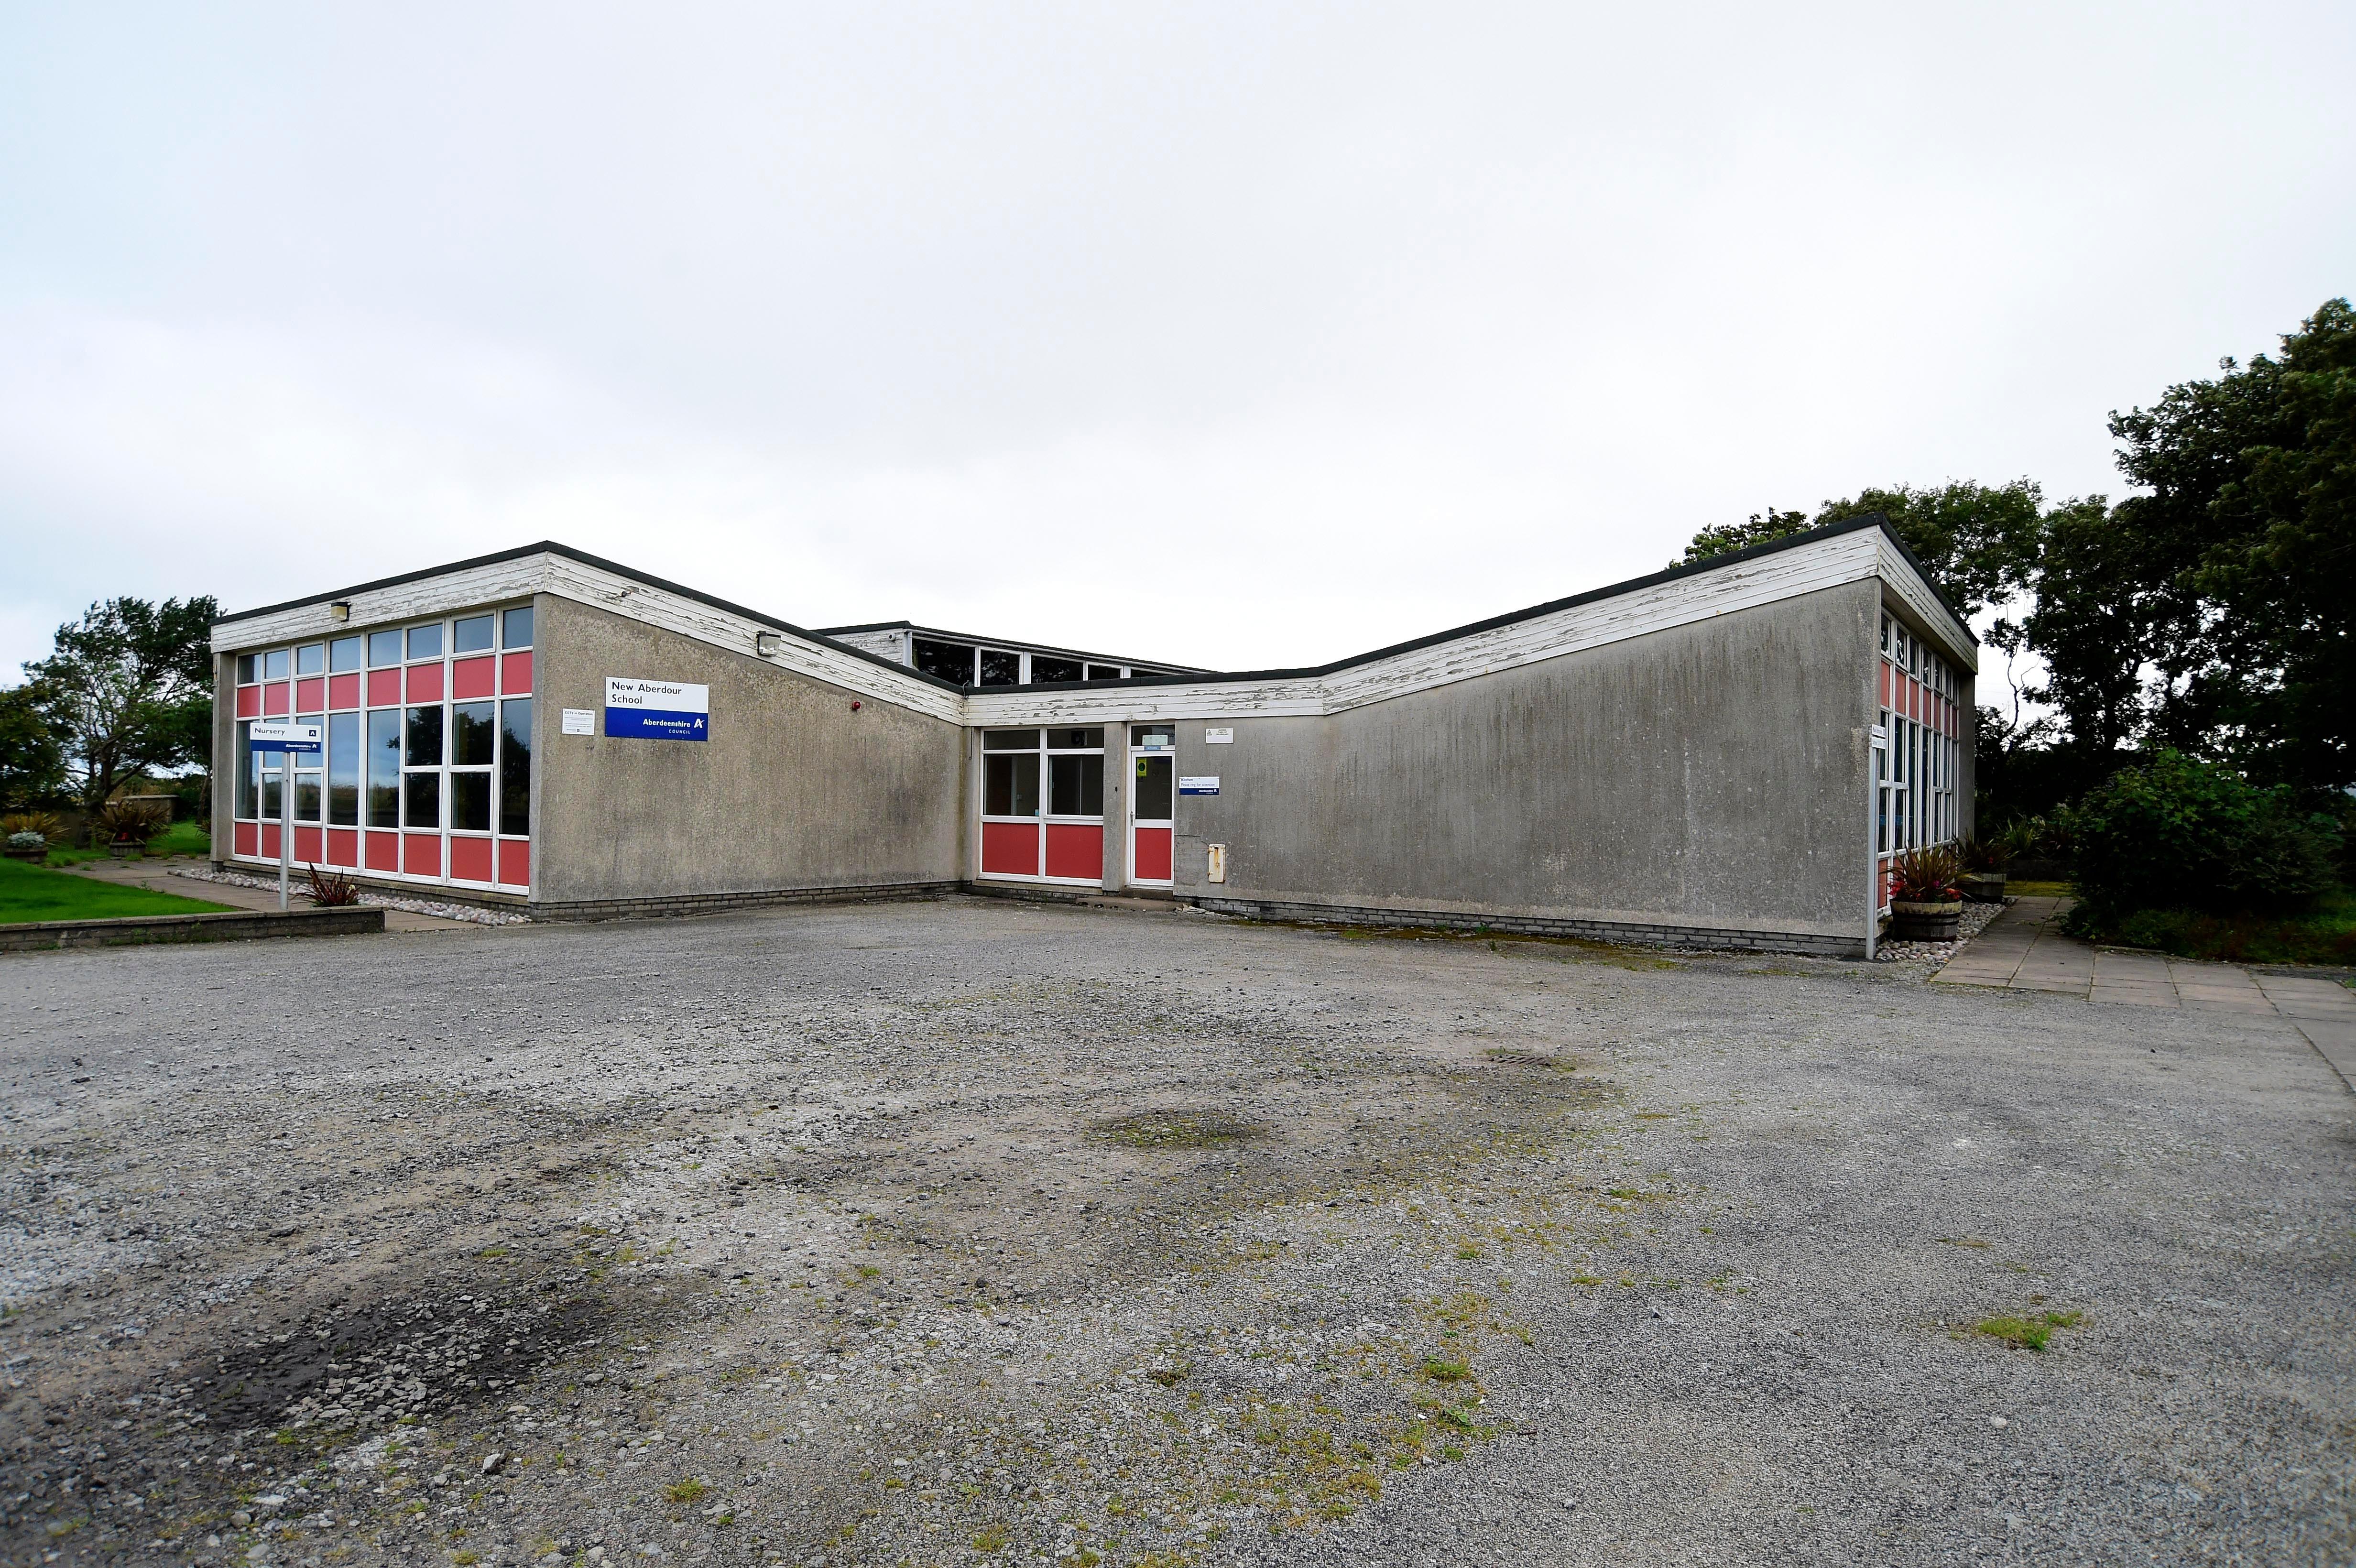 New Aberdour School has been sold